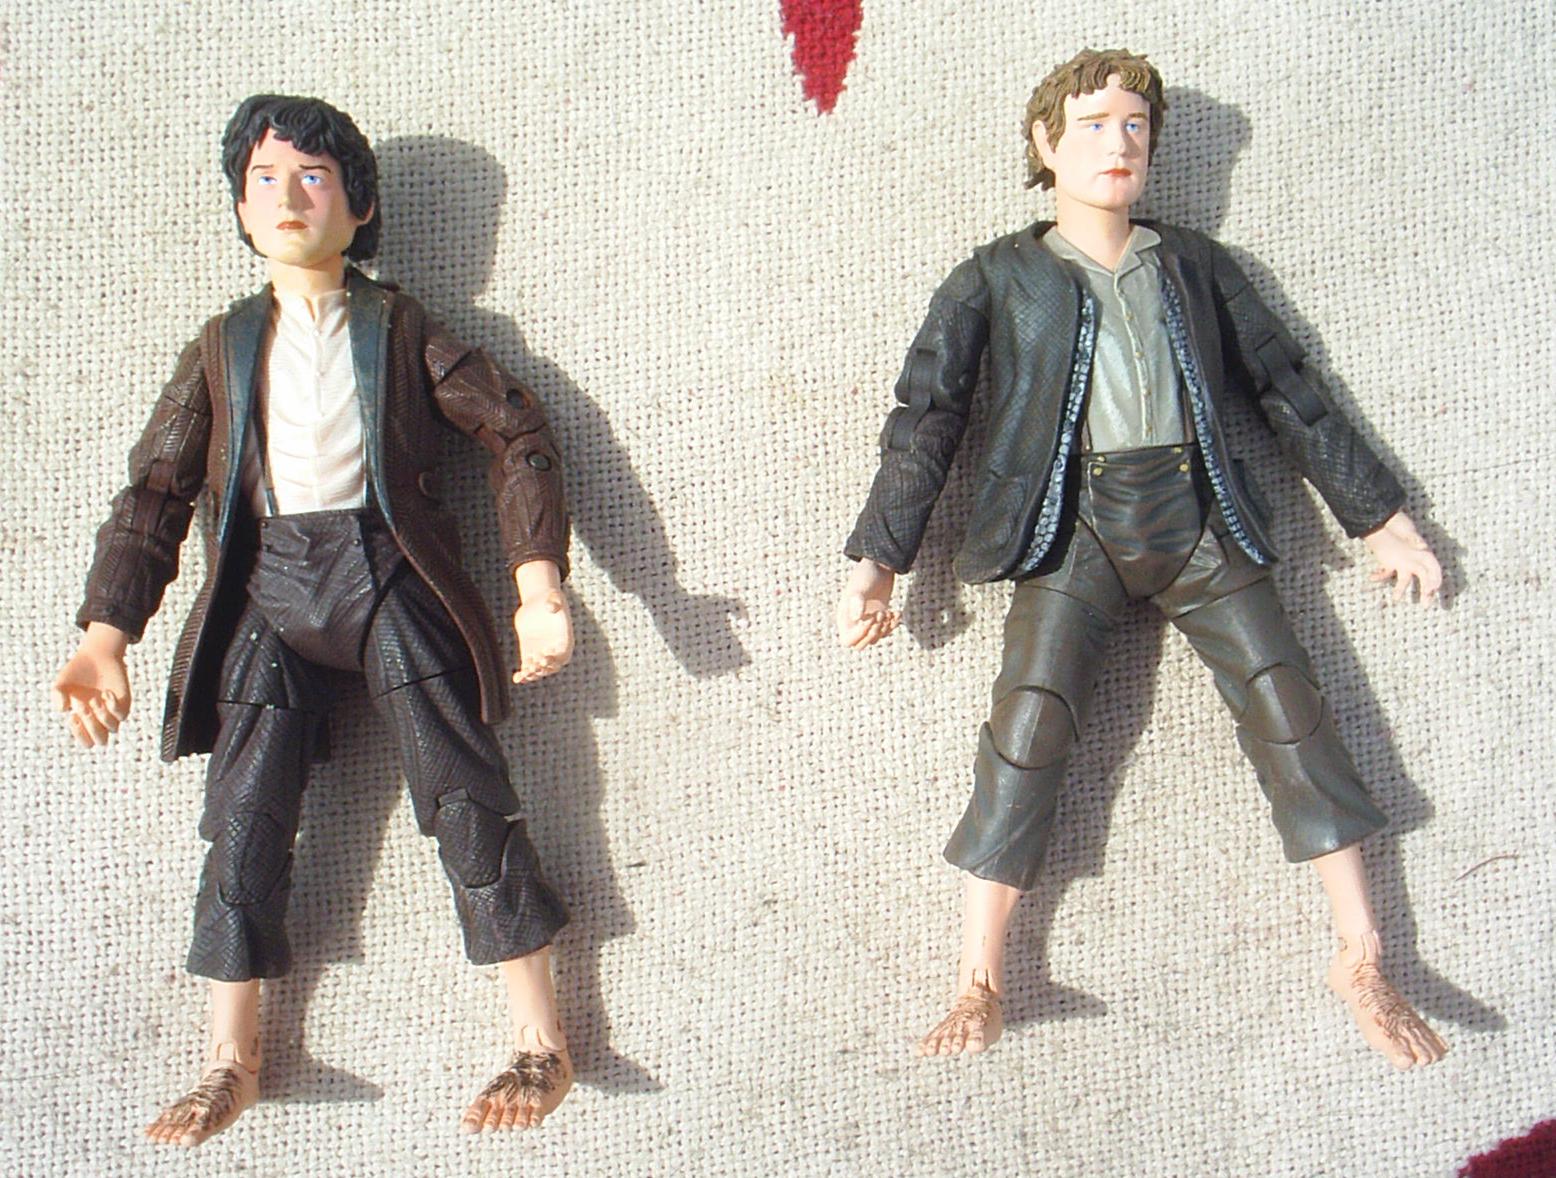 Frodo and Sam by Toybiz